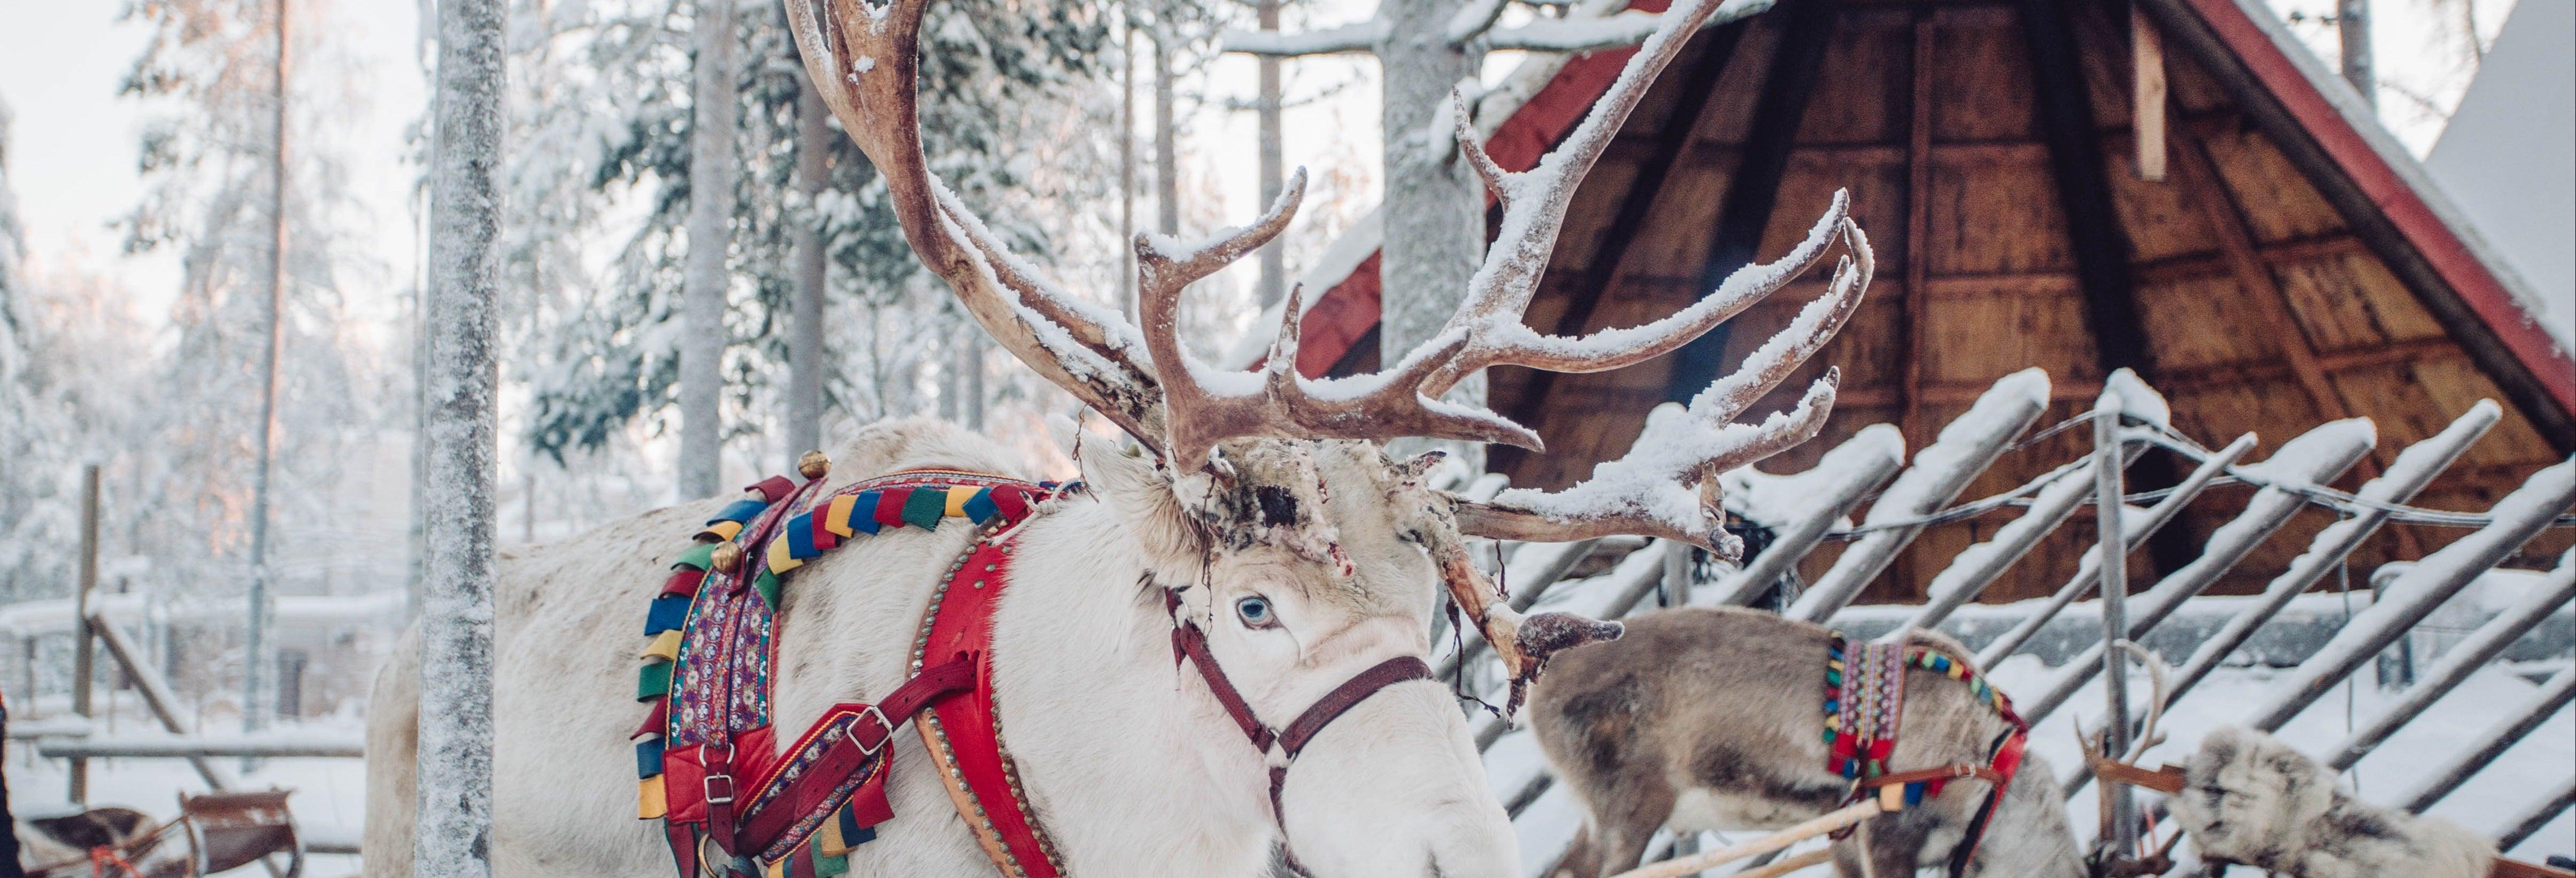 Aldea de Papá Noel + Paseo en trineo de renos